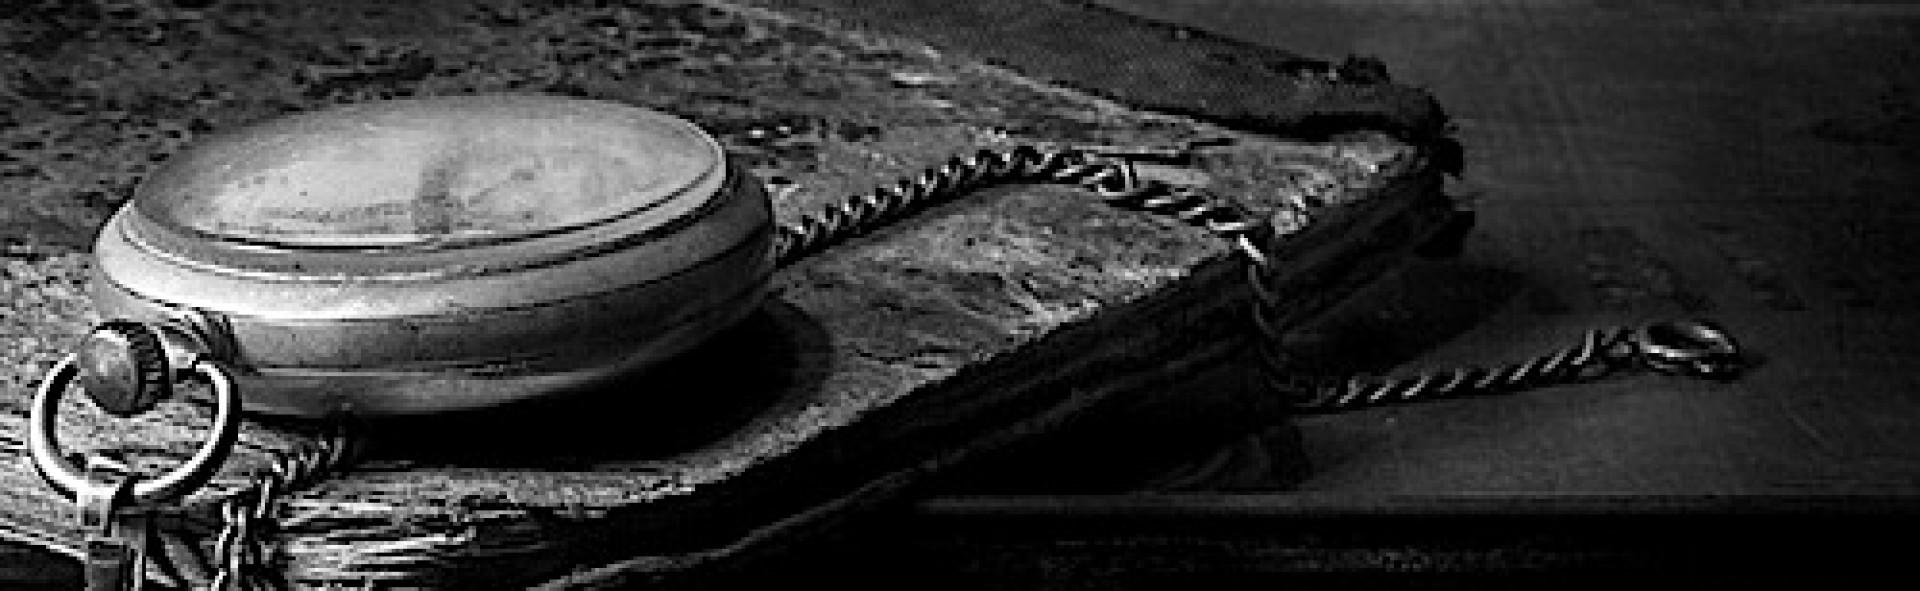 cropped-watchbook.jpg